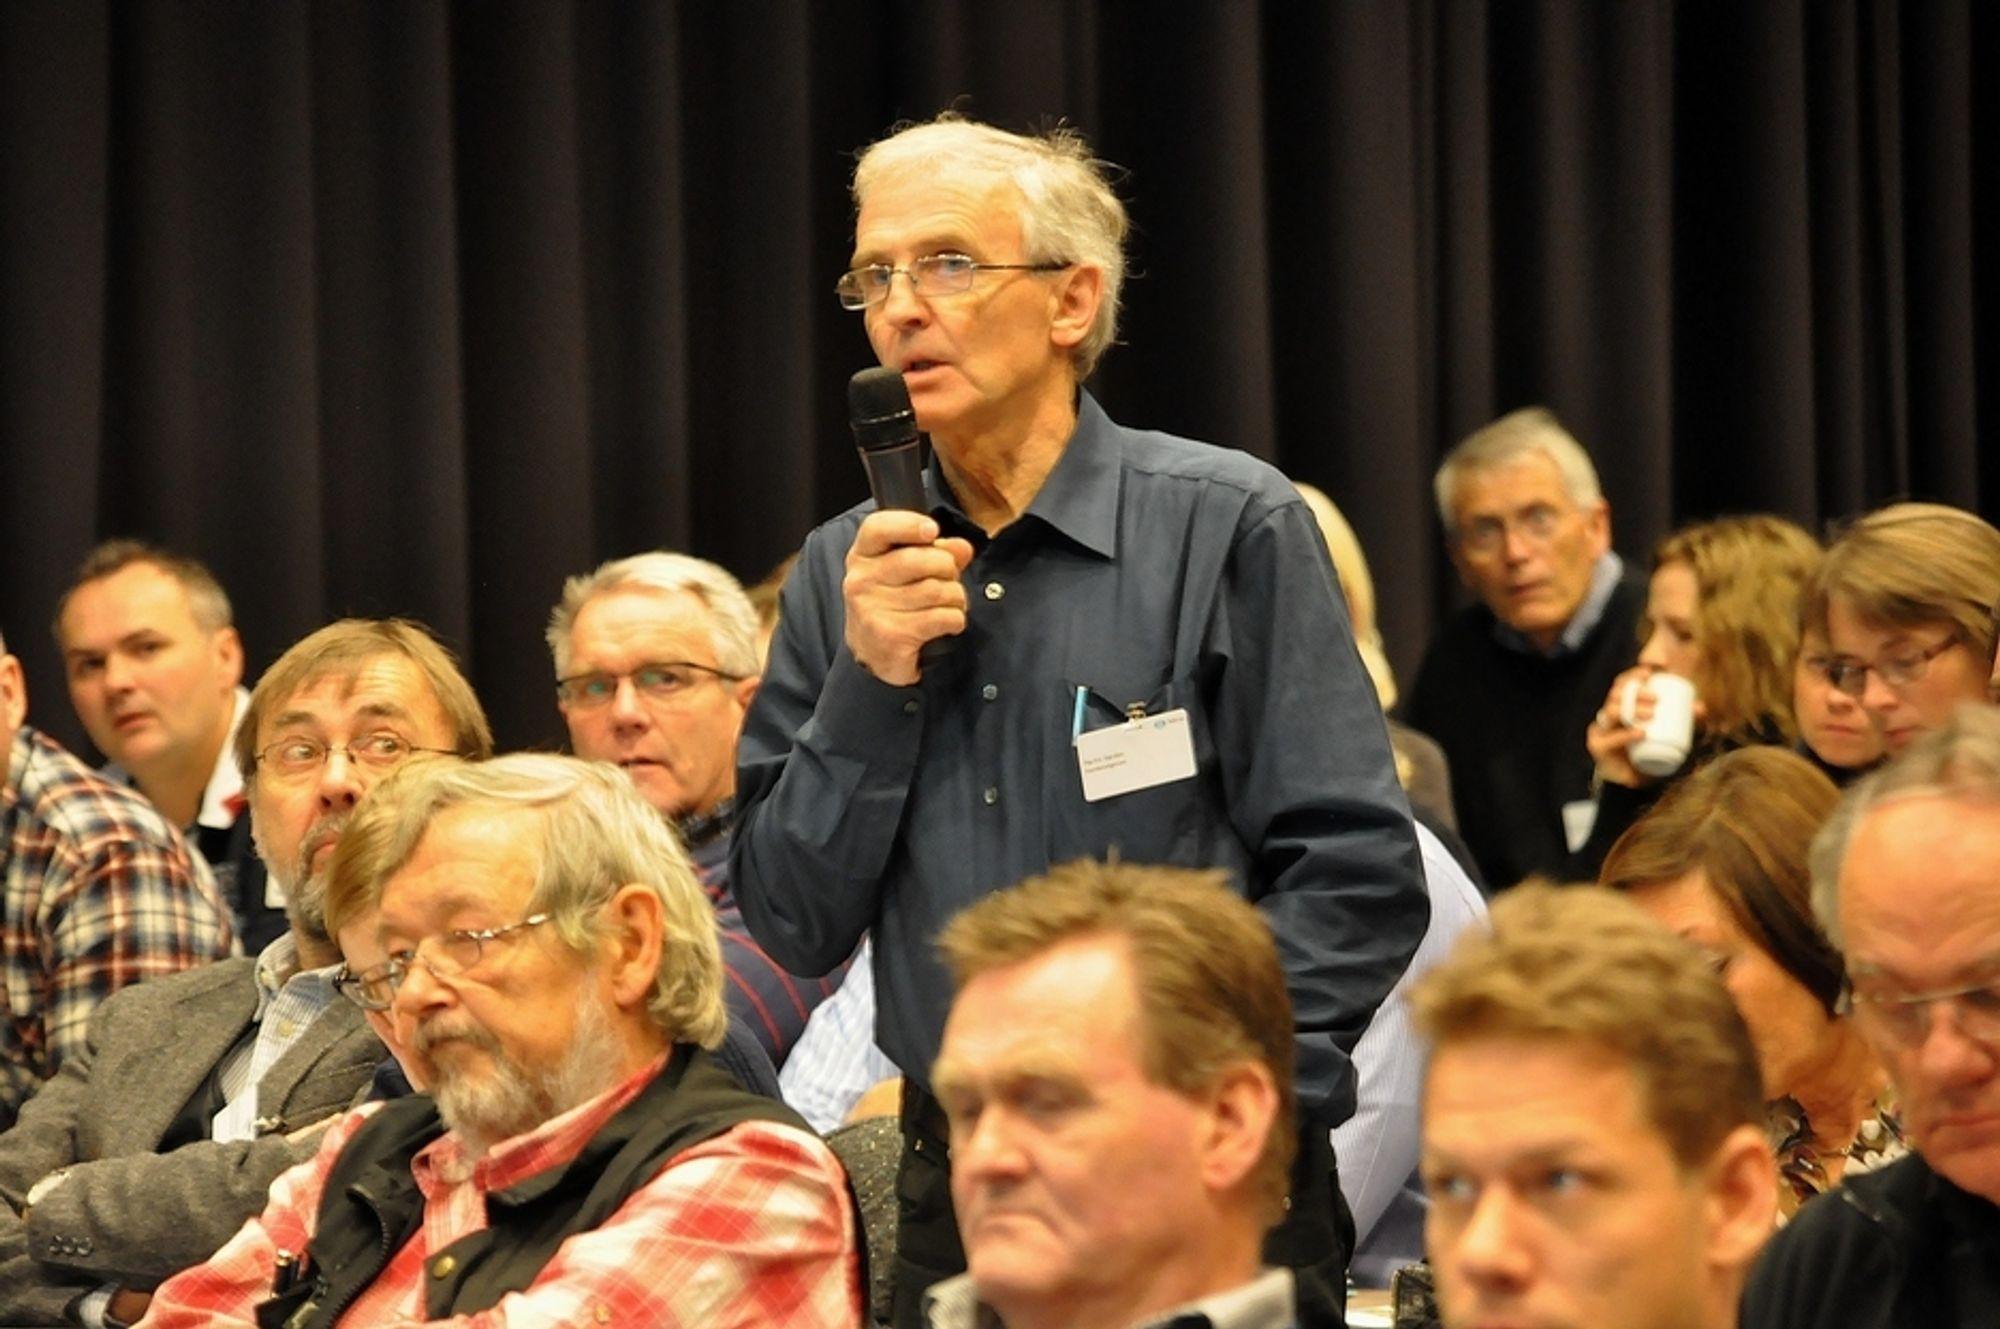 VANNBEVEGELSE: Sivilingeniør Martin Varden, medlem av Vannbevegelsen, sier det er er fare for at vannet snikprivatiseres.